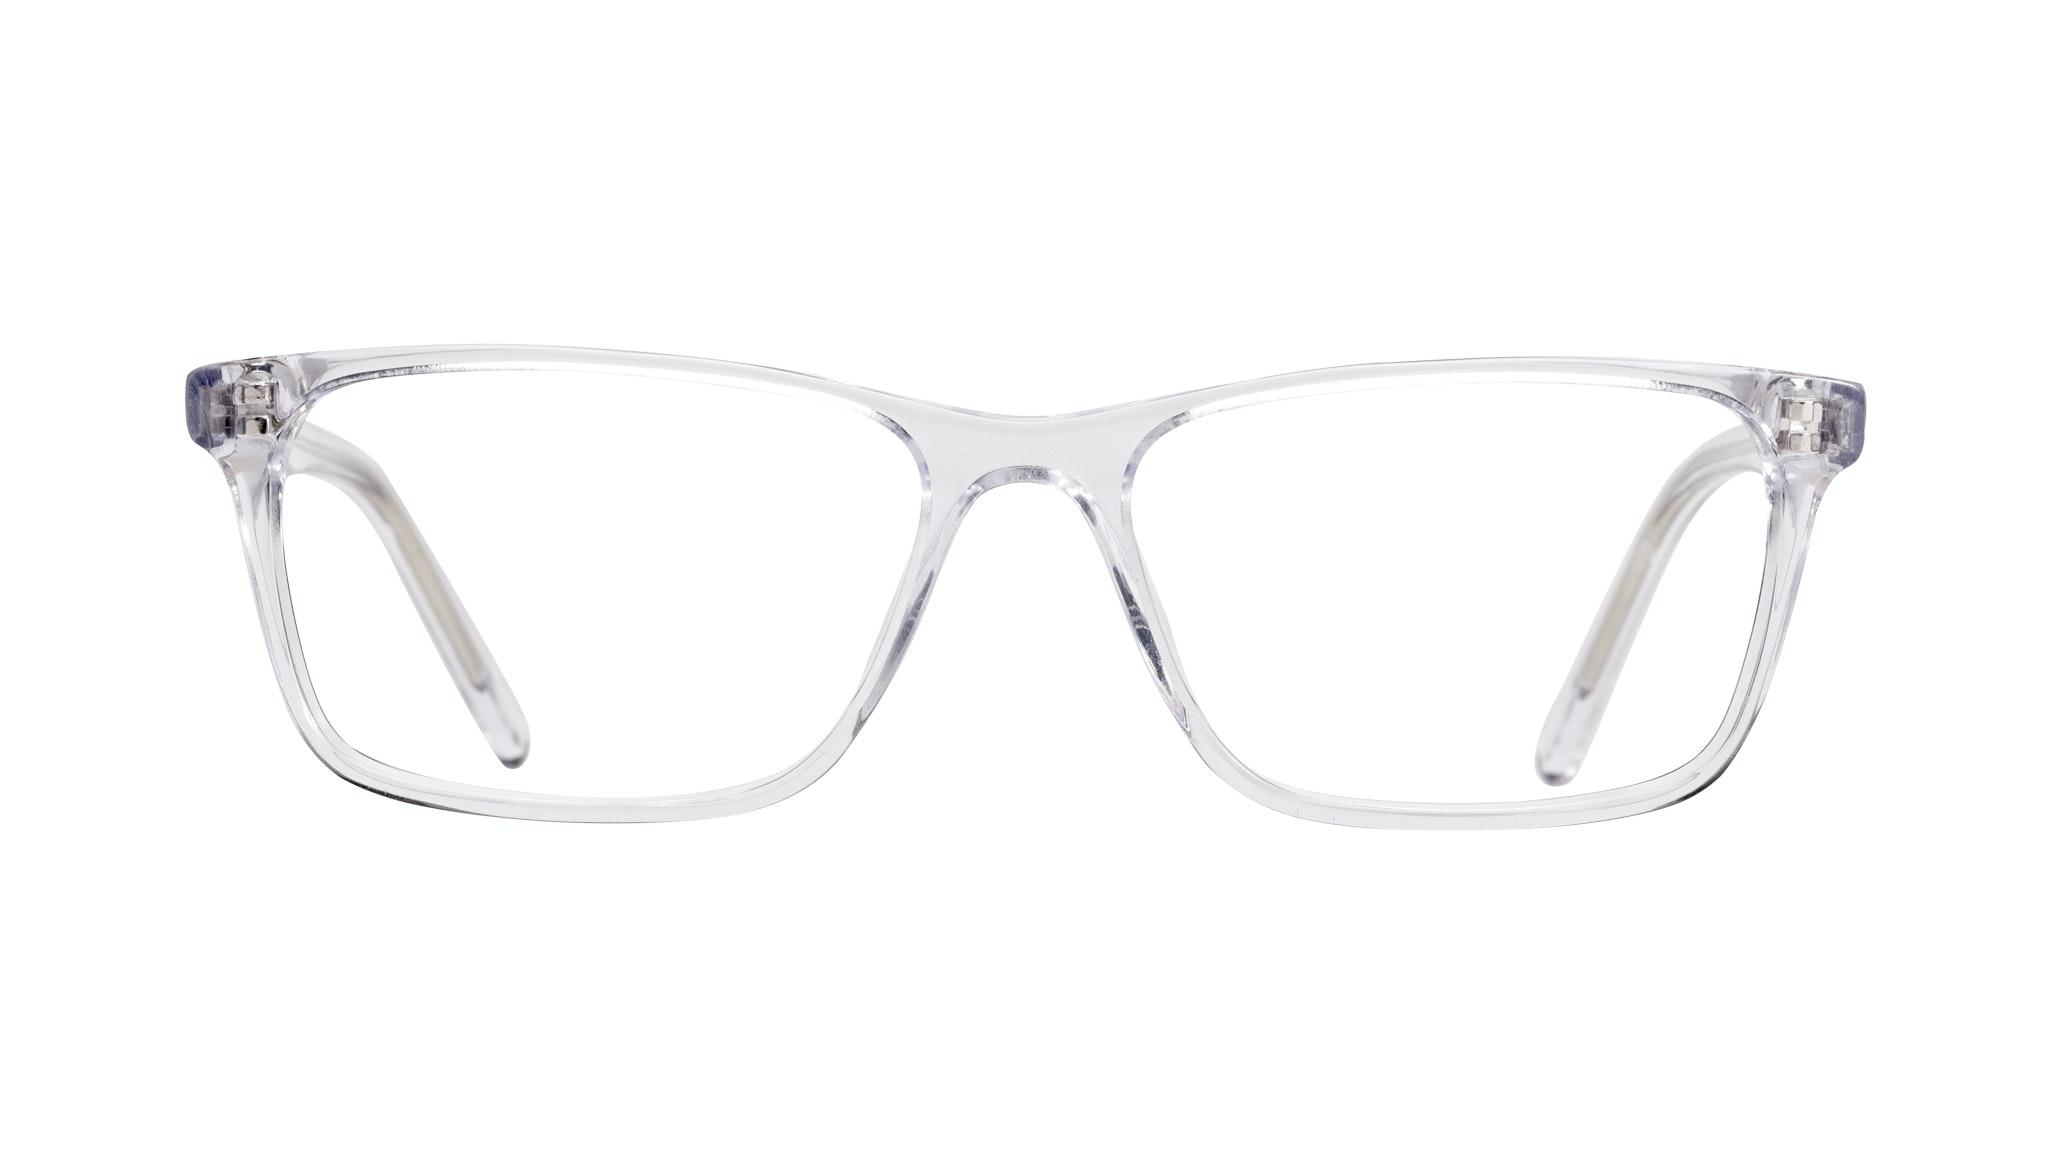 Affordable Fashion Glasses Rectangle Eyeglasses Men Henri Clear Front